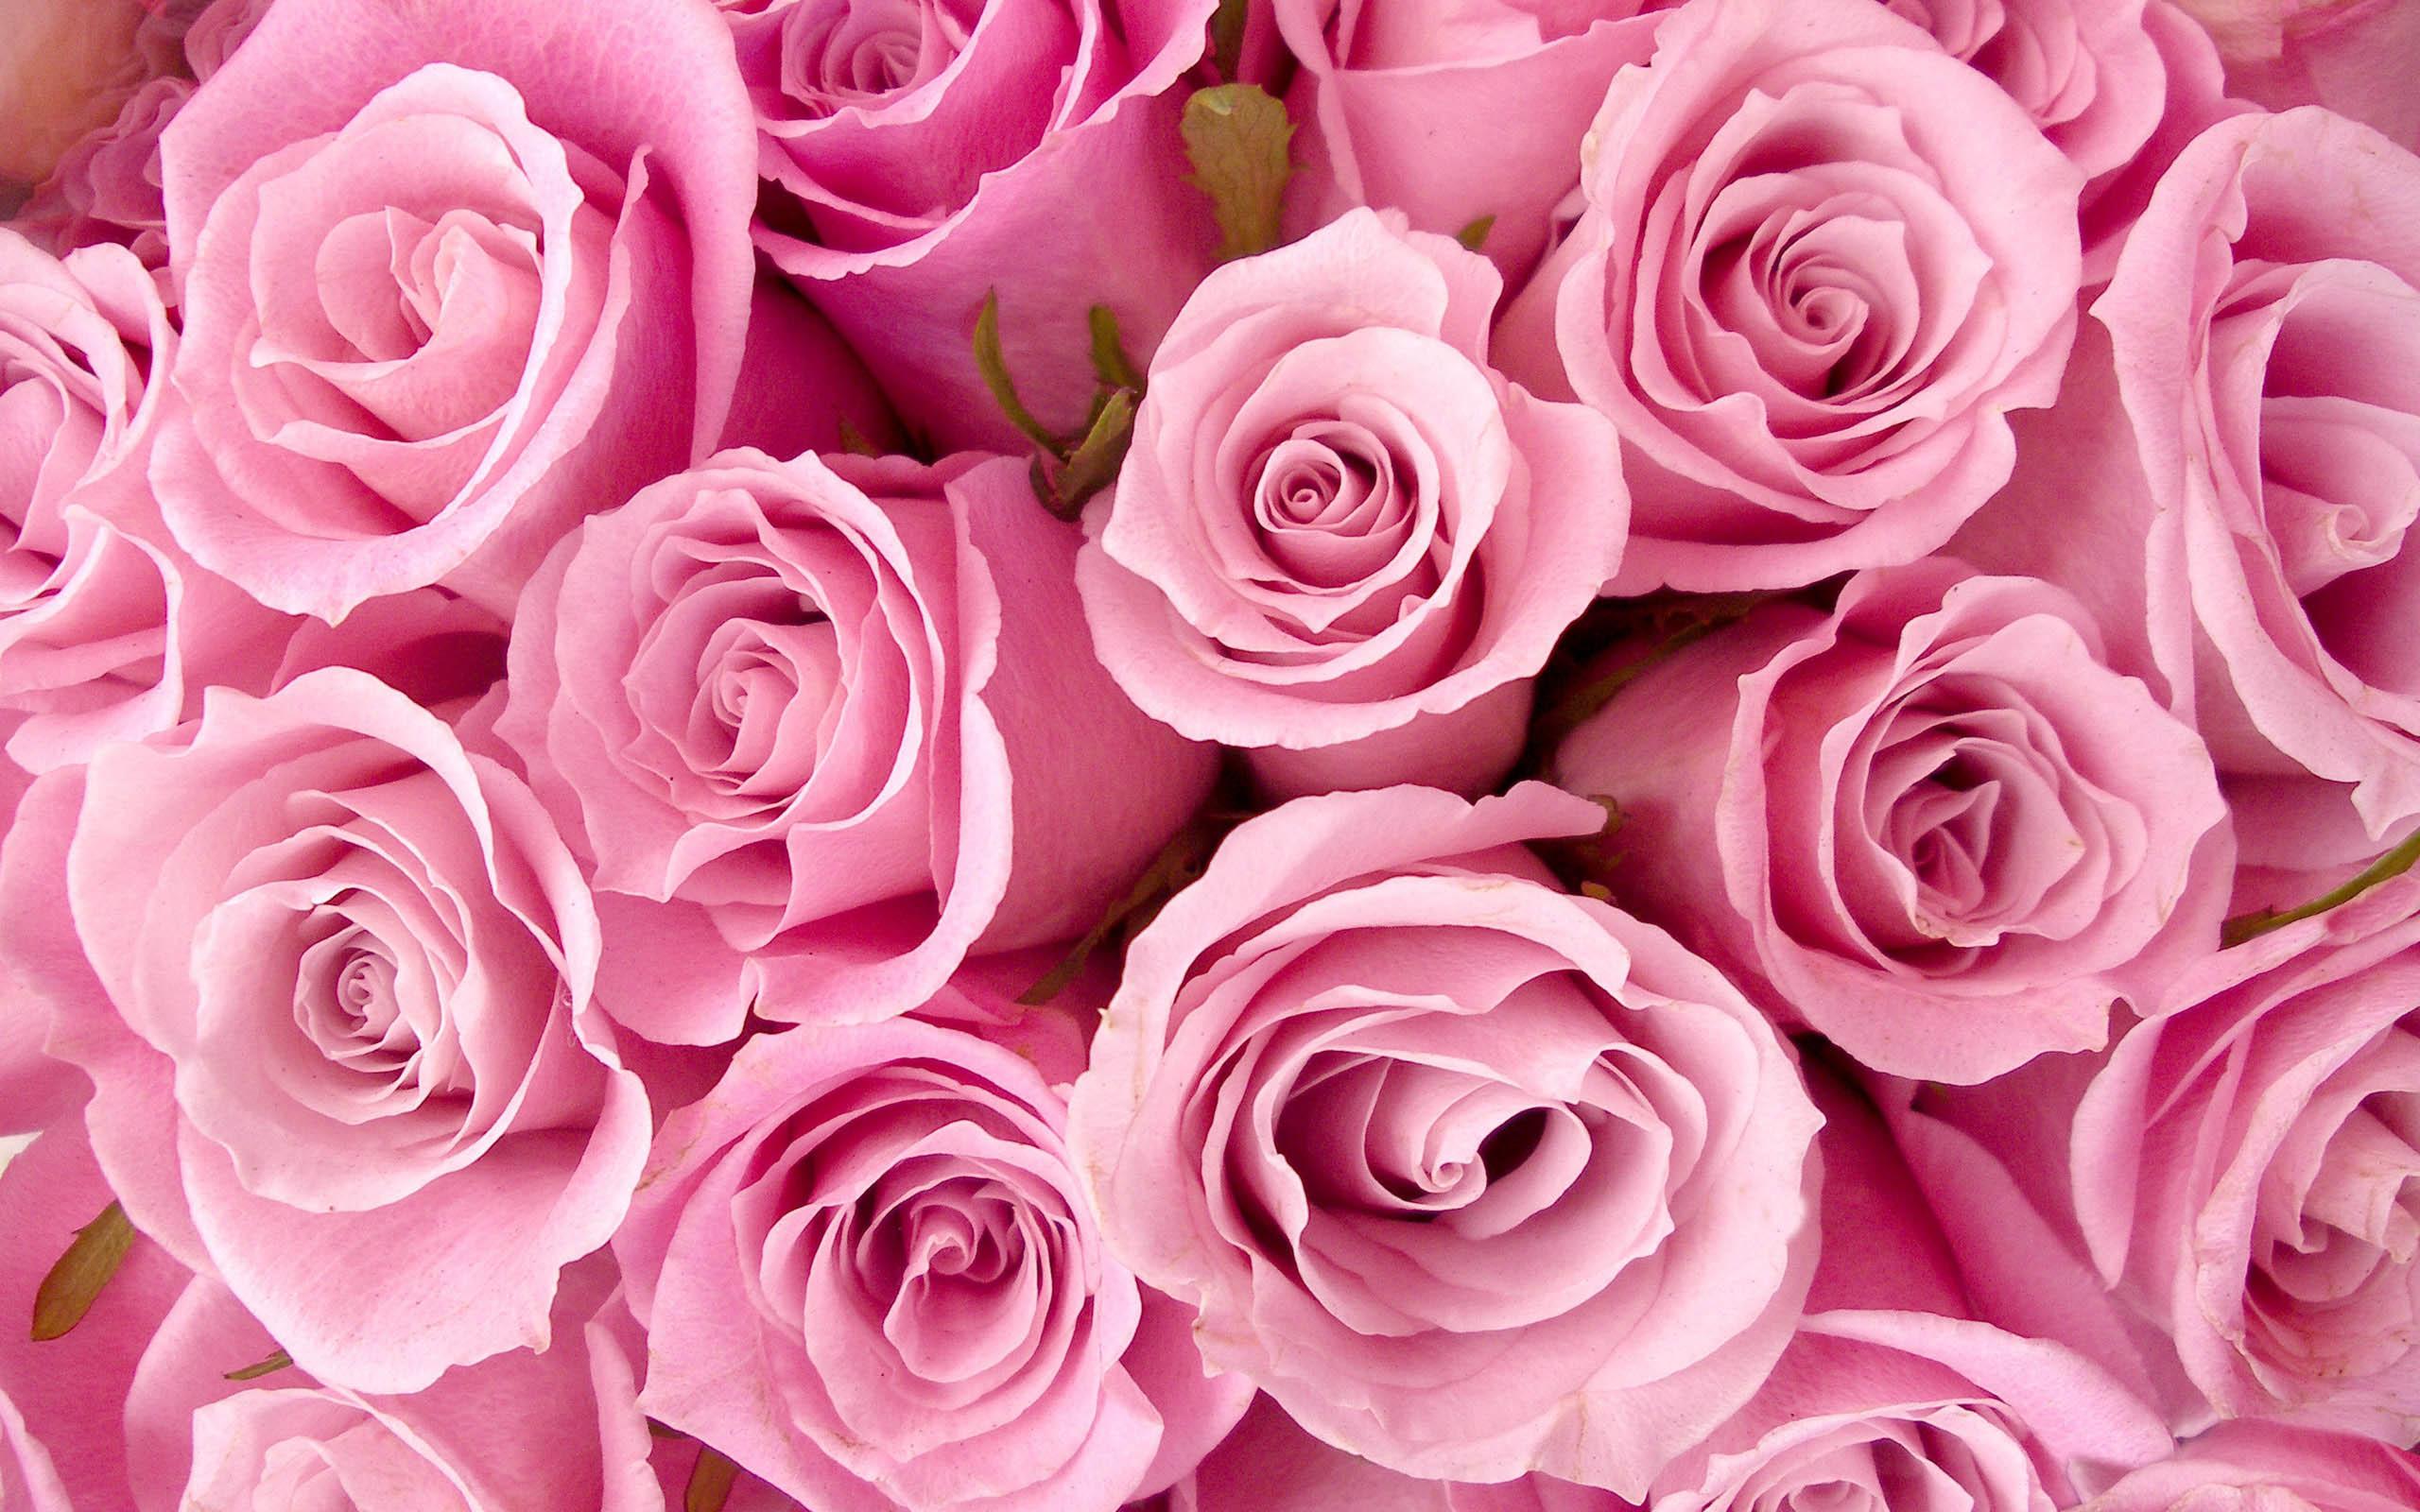 www.wallpapersxplore.blogspot.com